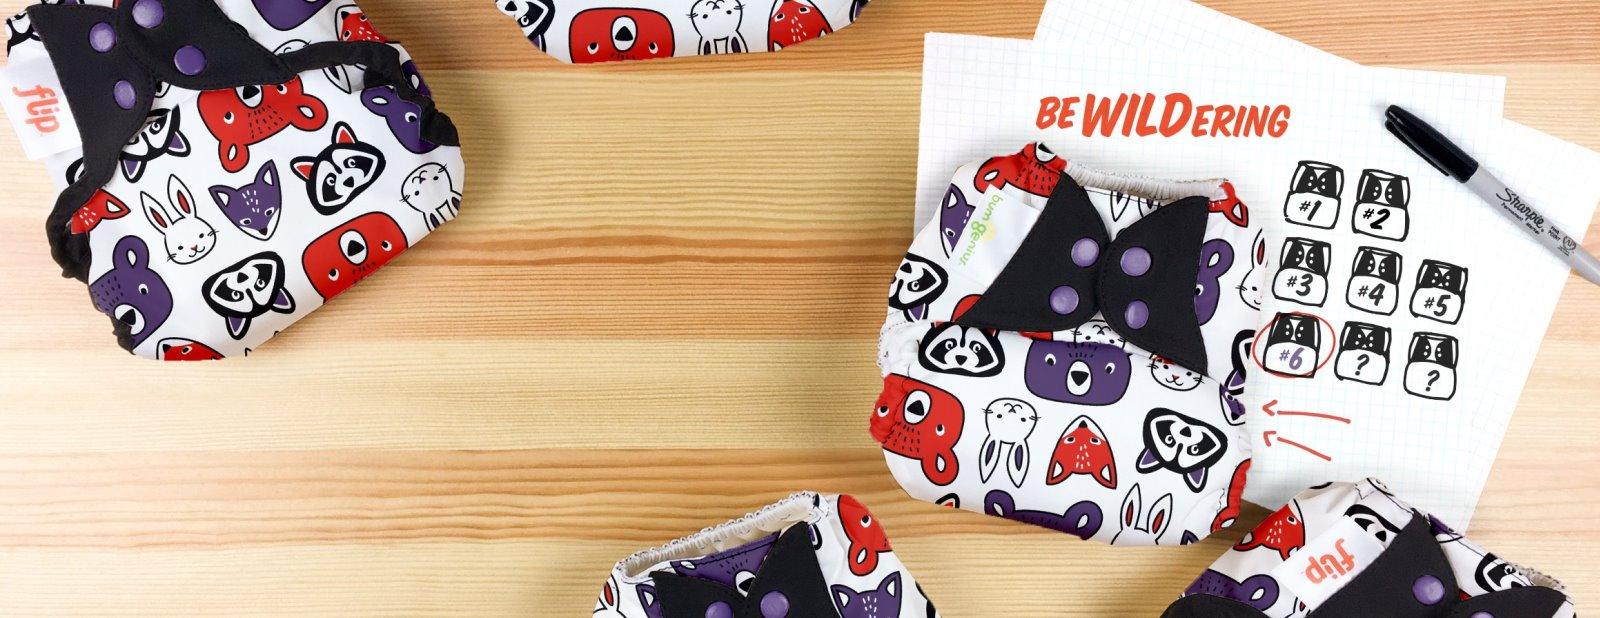 bumgenius doodles collection diaper - bewildering